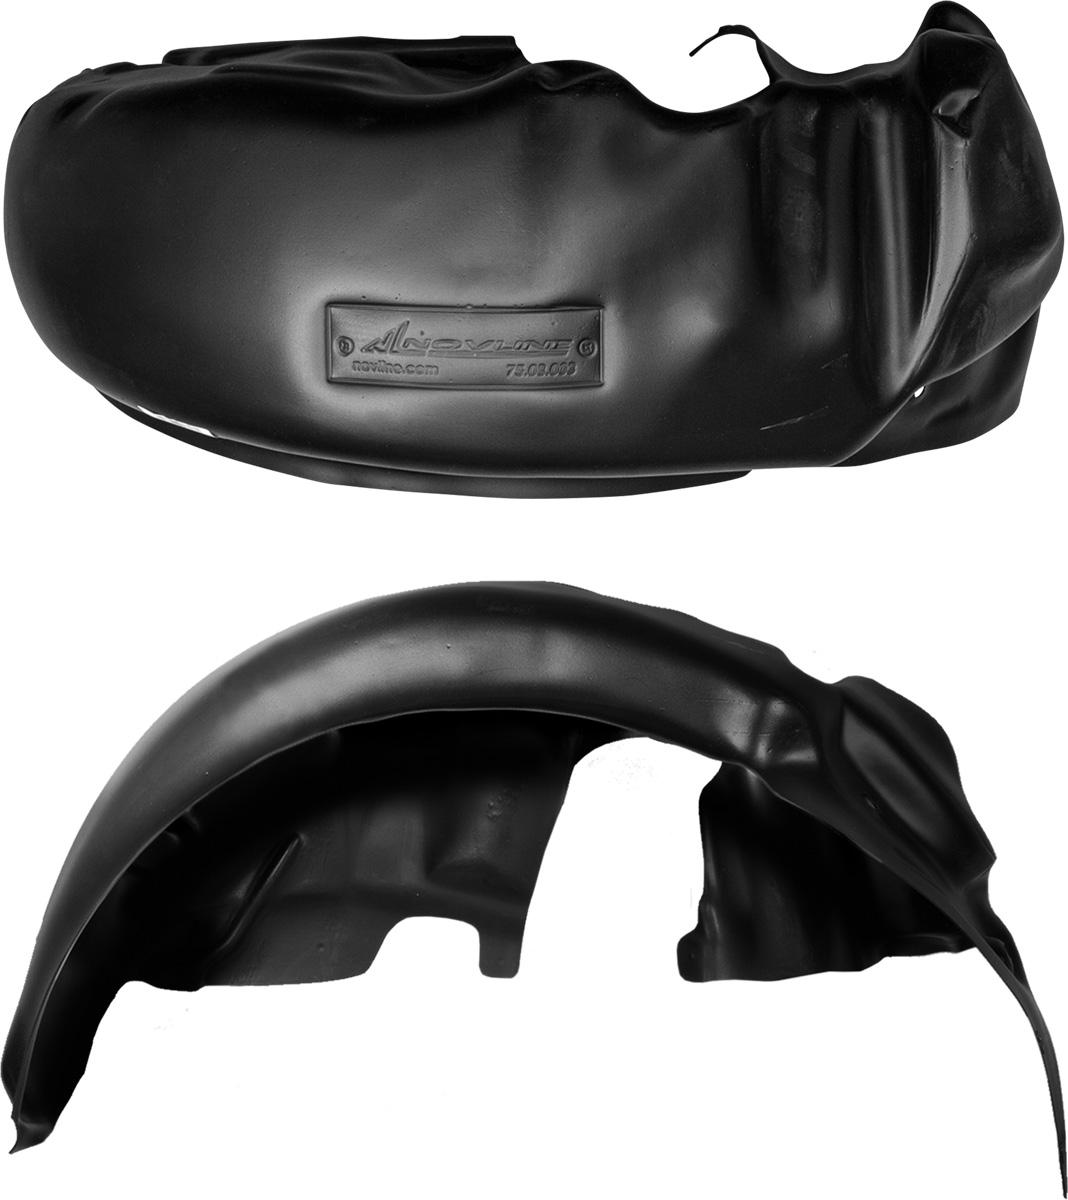 Подкрылок Novline-Autofamily, для Lada Kalina 2, 2013 ->, задний левыйNLL.52.27.003Колесные ниши - одни из самых уязвимых зон днища вашего автомобиля. Они постоянно подвергаются воздействию со стороны дороги. Лучшая, почти абсолютная защита для них - специально отформованные пластиковые кожухи, которые называются подкрылками. Производятся они как для отечественных моделей автомобилей, так и для иномарок. Подкрылки Novline-Autofamily выполнены из высококачественного, экологически чистого пластика. Обеспечивают надежную защиту кузова автомобиля от пескоструйного эффекта и негативного влияния, агрессивных антигололедных реагентов. Пластик обладает более низкой теплопроводностью, чем металл, поэтому в зимний период эксплуатации использование пластиковых подкрылков позволяет лучше защитить колесные ниши от налипания снега и образования наледи. Оригинальность конструкции подчеркивает элегантность автомобиля, бережно защищает нанесенное на днище кузова антикоррозийное покрытие и позволяет осуществить крепление подкрылков внутри колесной арки практически без...